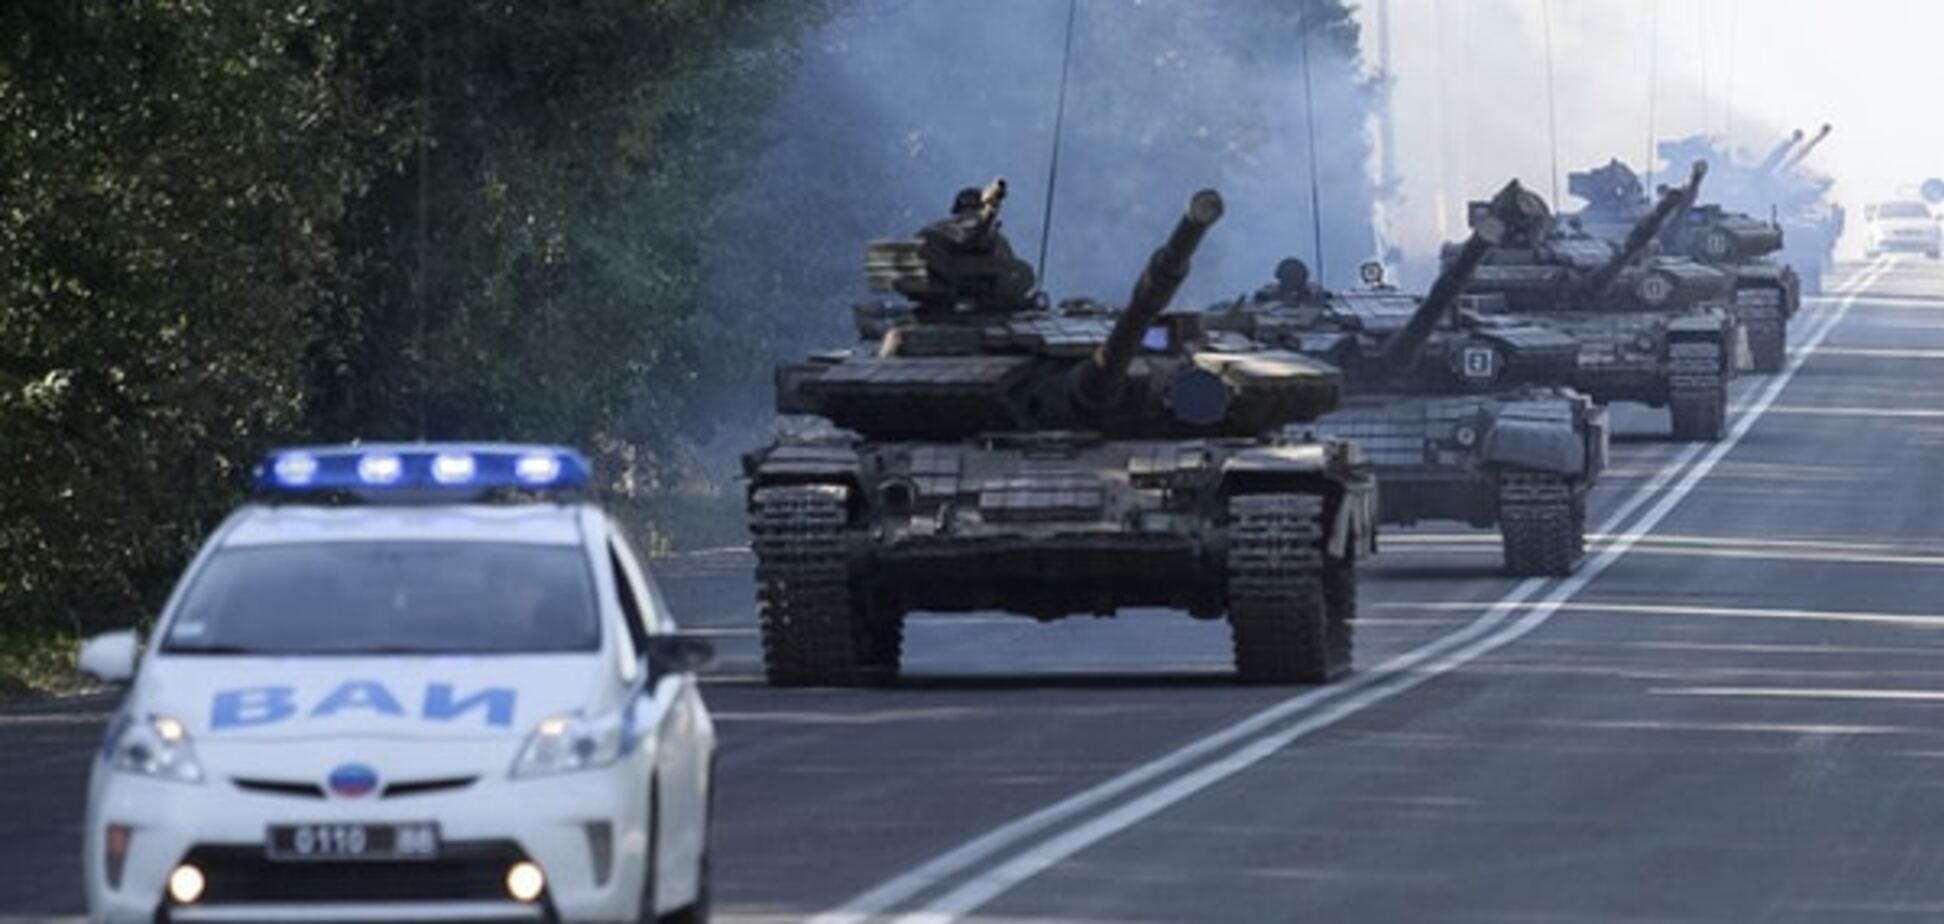 Терористи почали роззброювати один одного і 'заспівали' про злив 'ДНР' і 'ЛНР' Кремлем